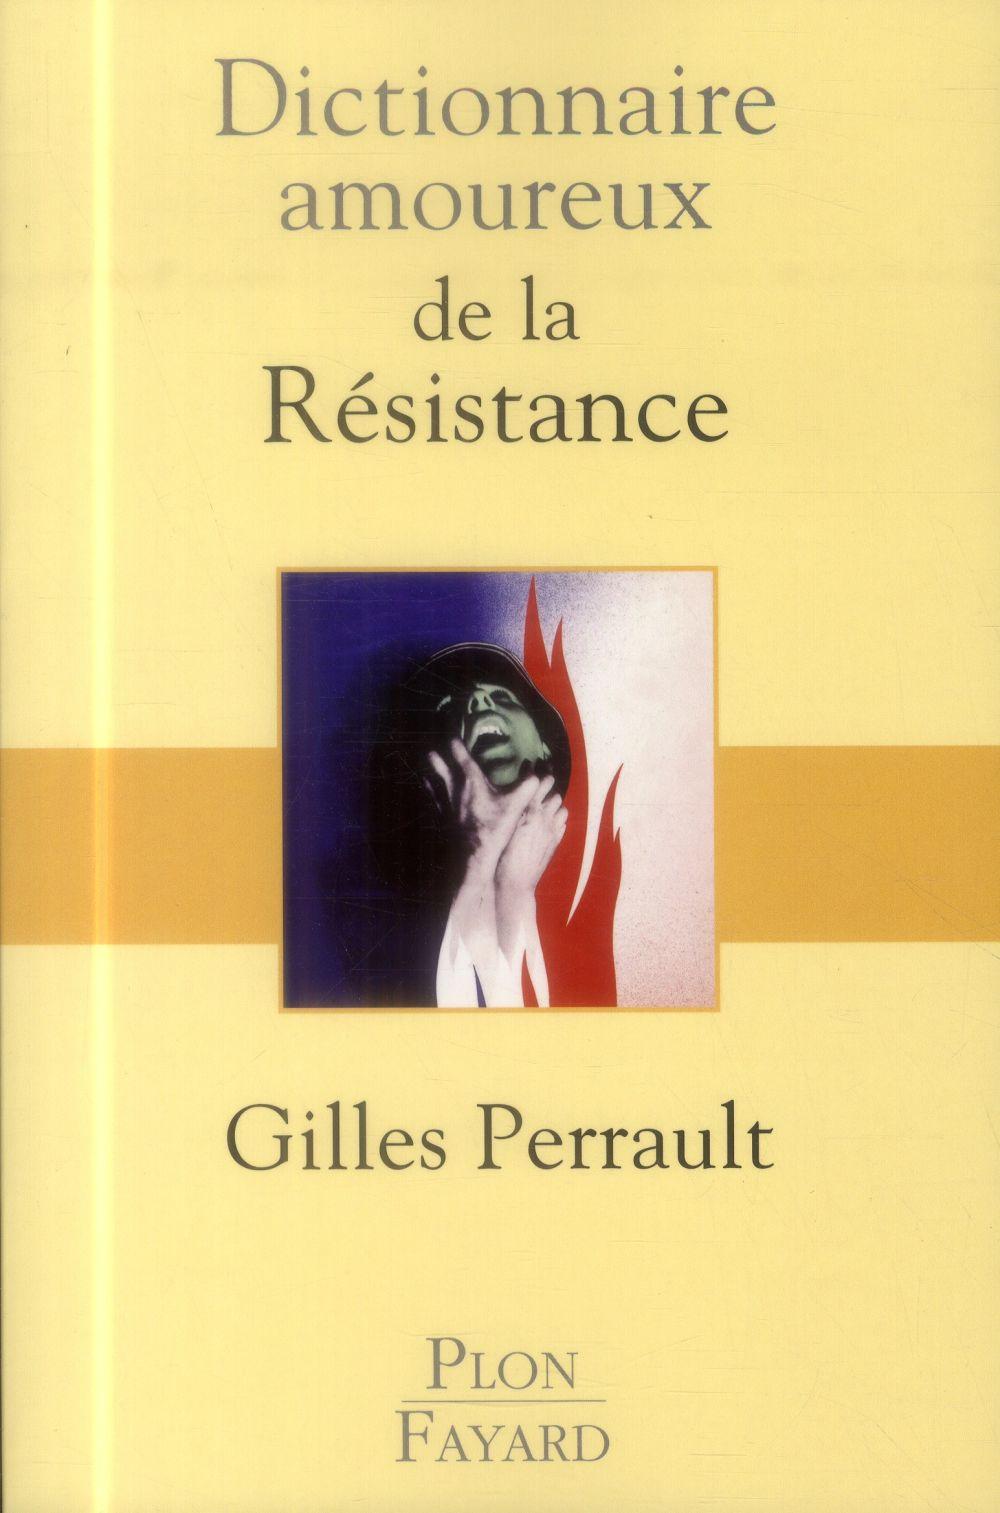 Perrault Gilles - DICTIONNAIRE AMOUREUX DE LA RESISTANCE